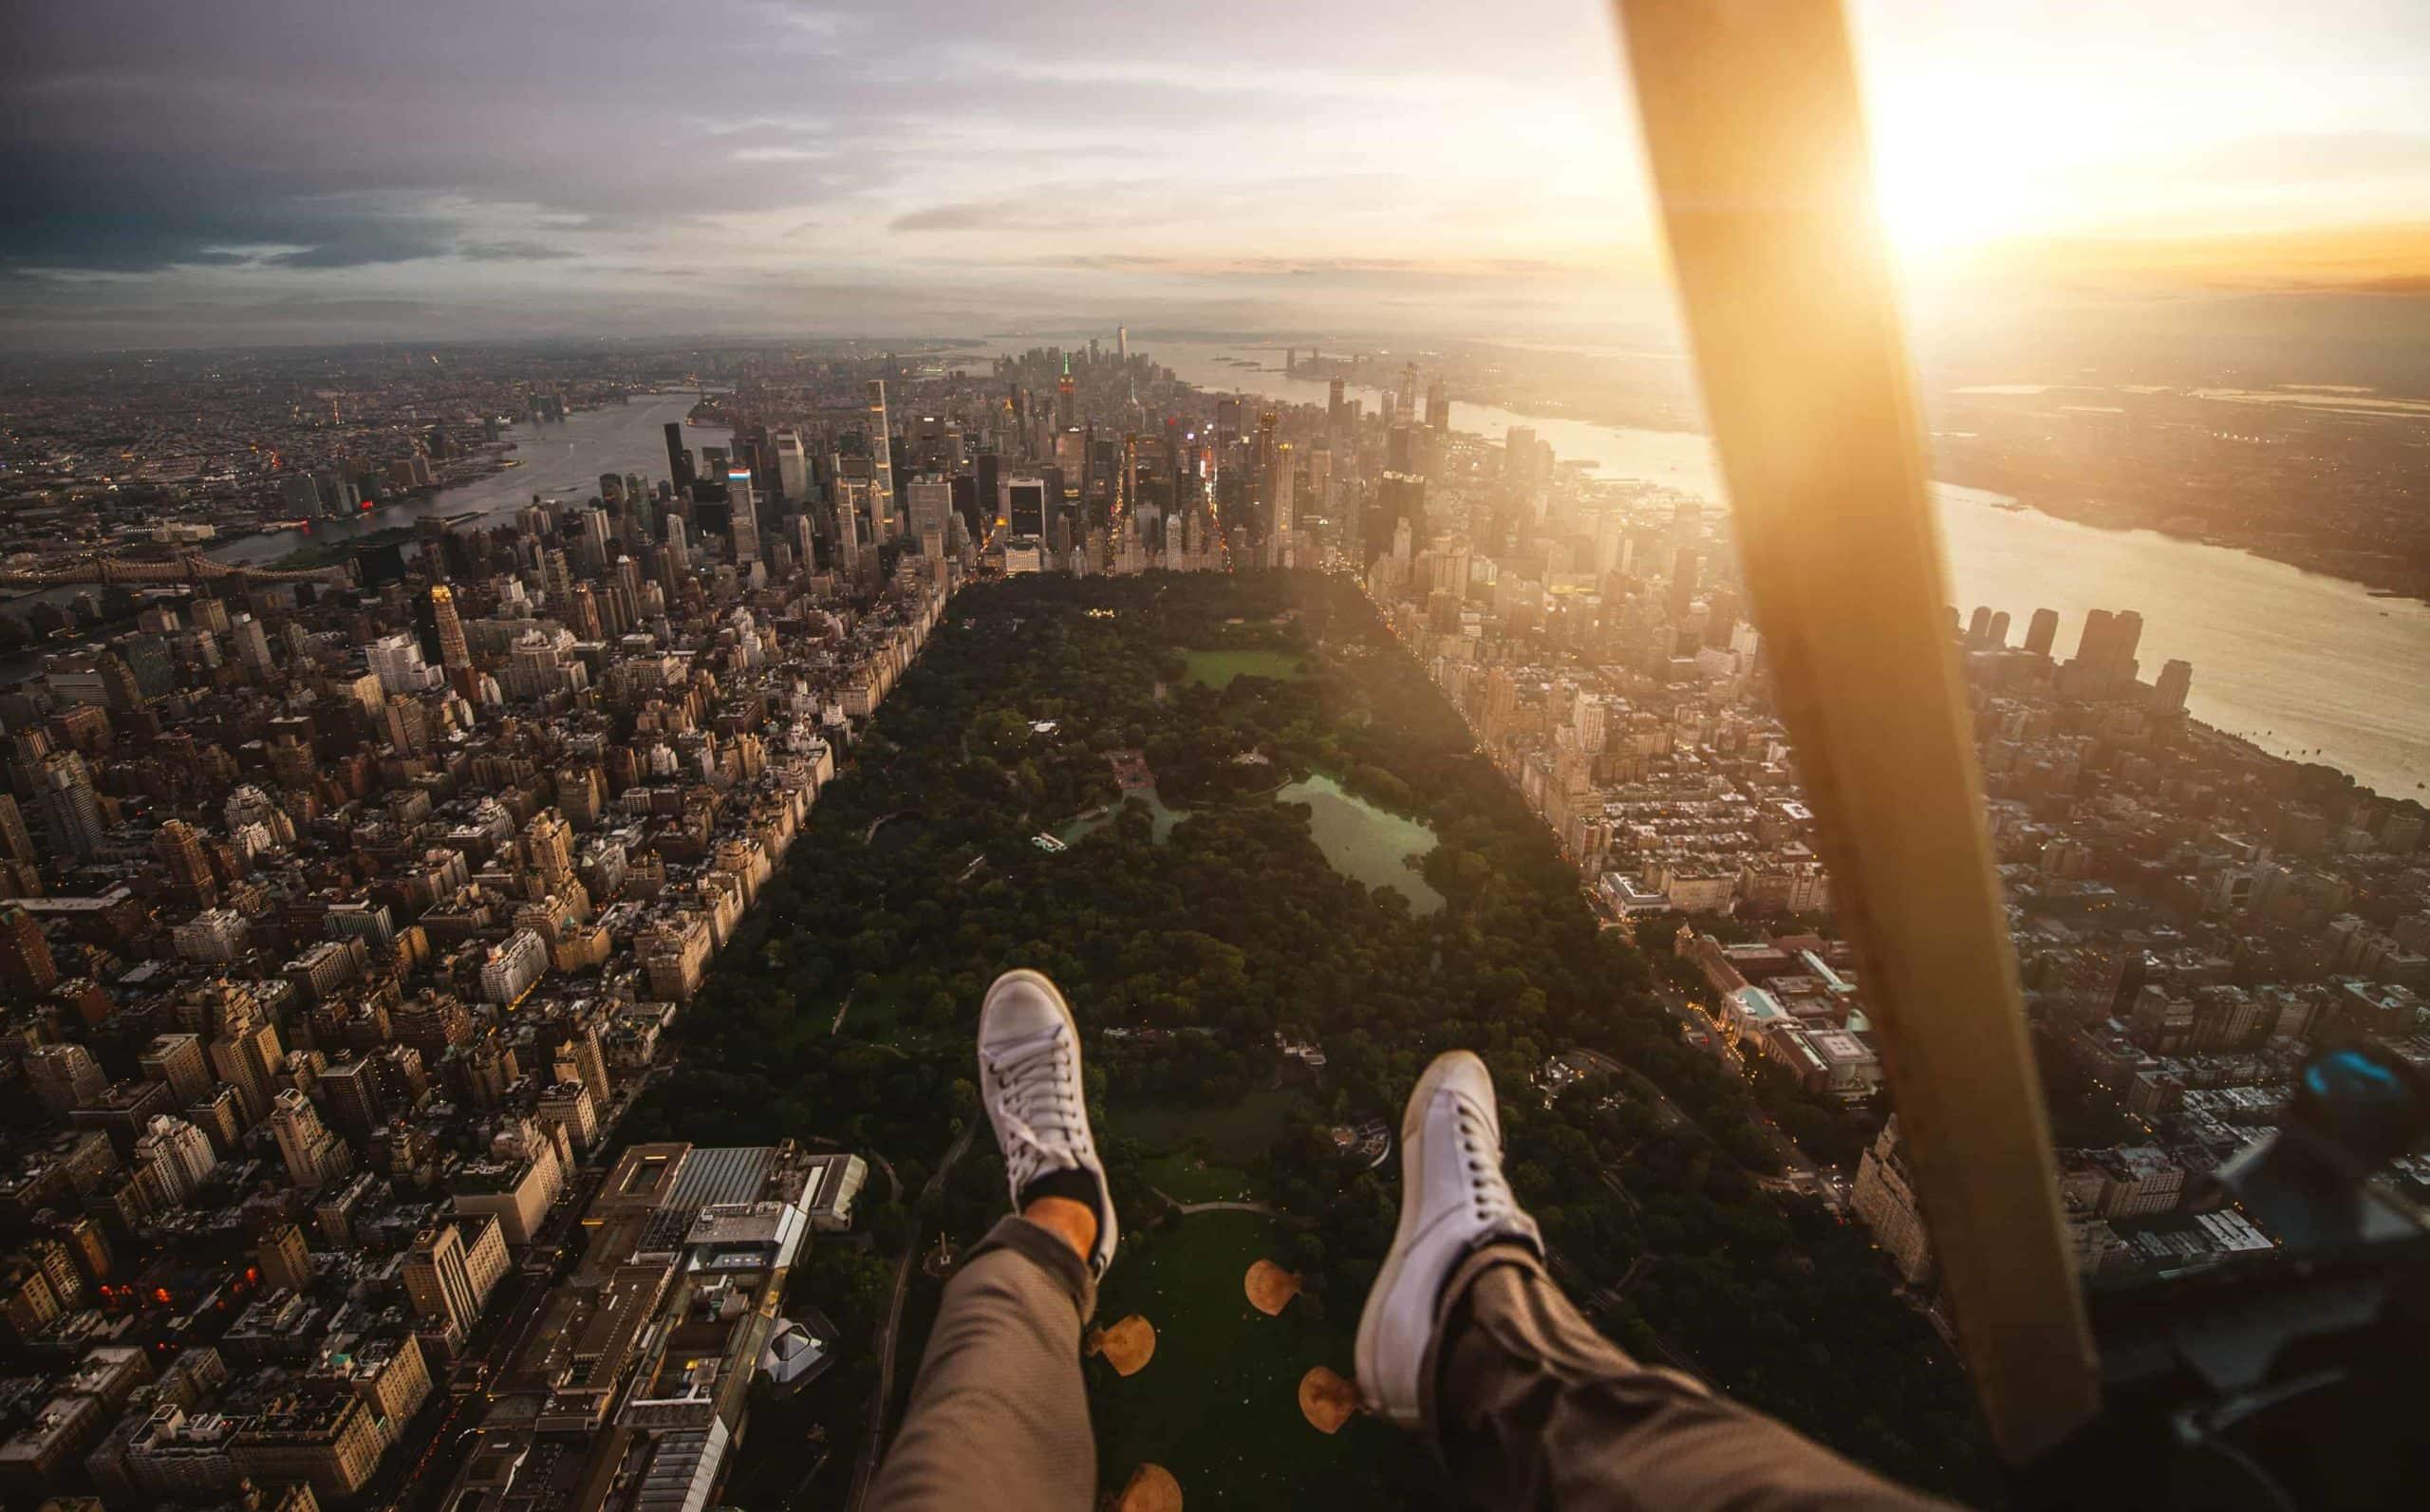 Beine aus dem Hubschrauber halten